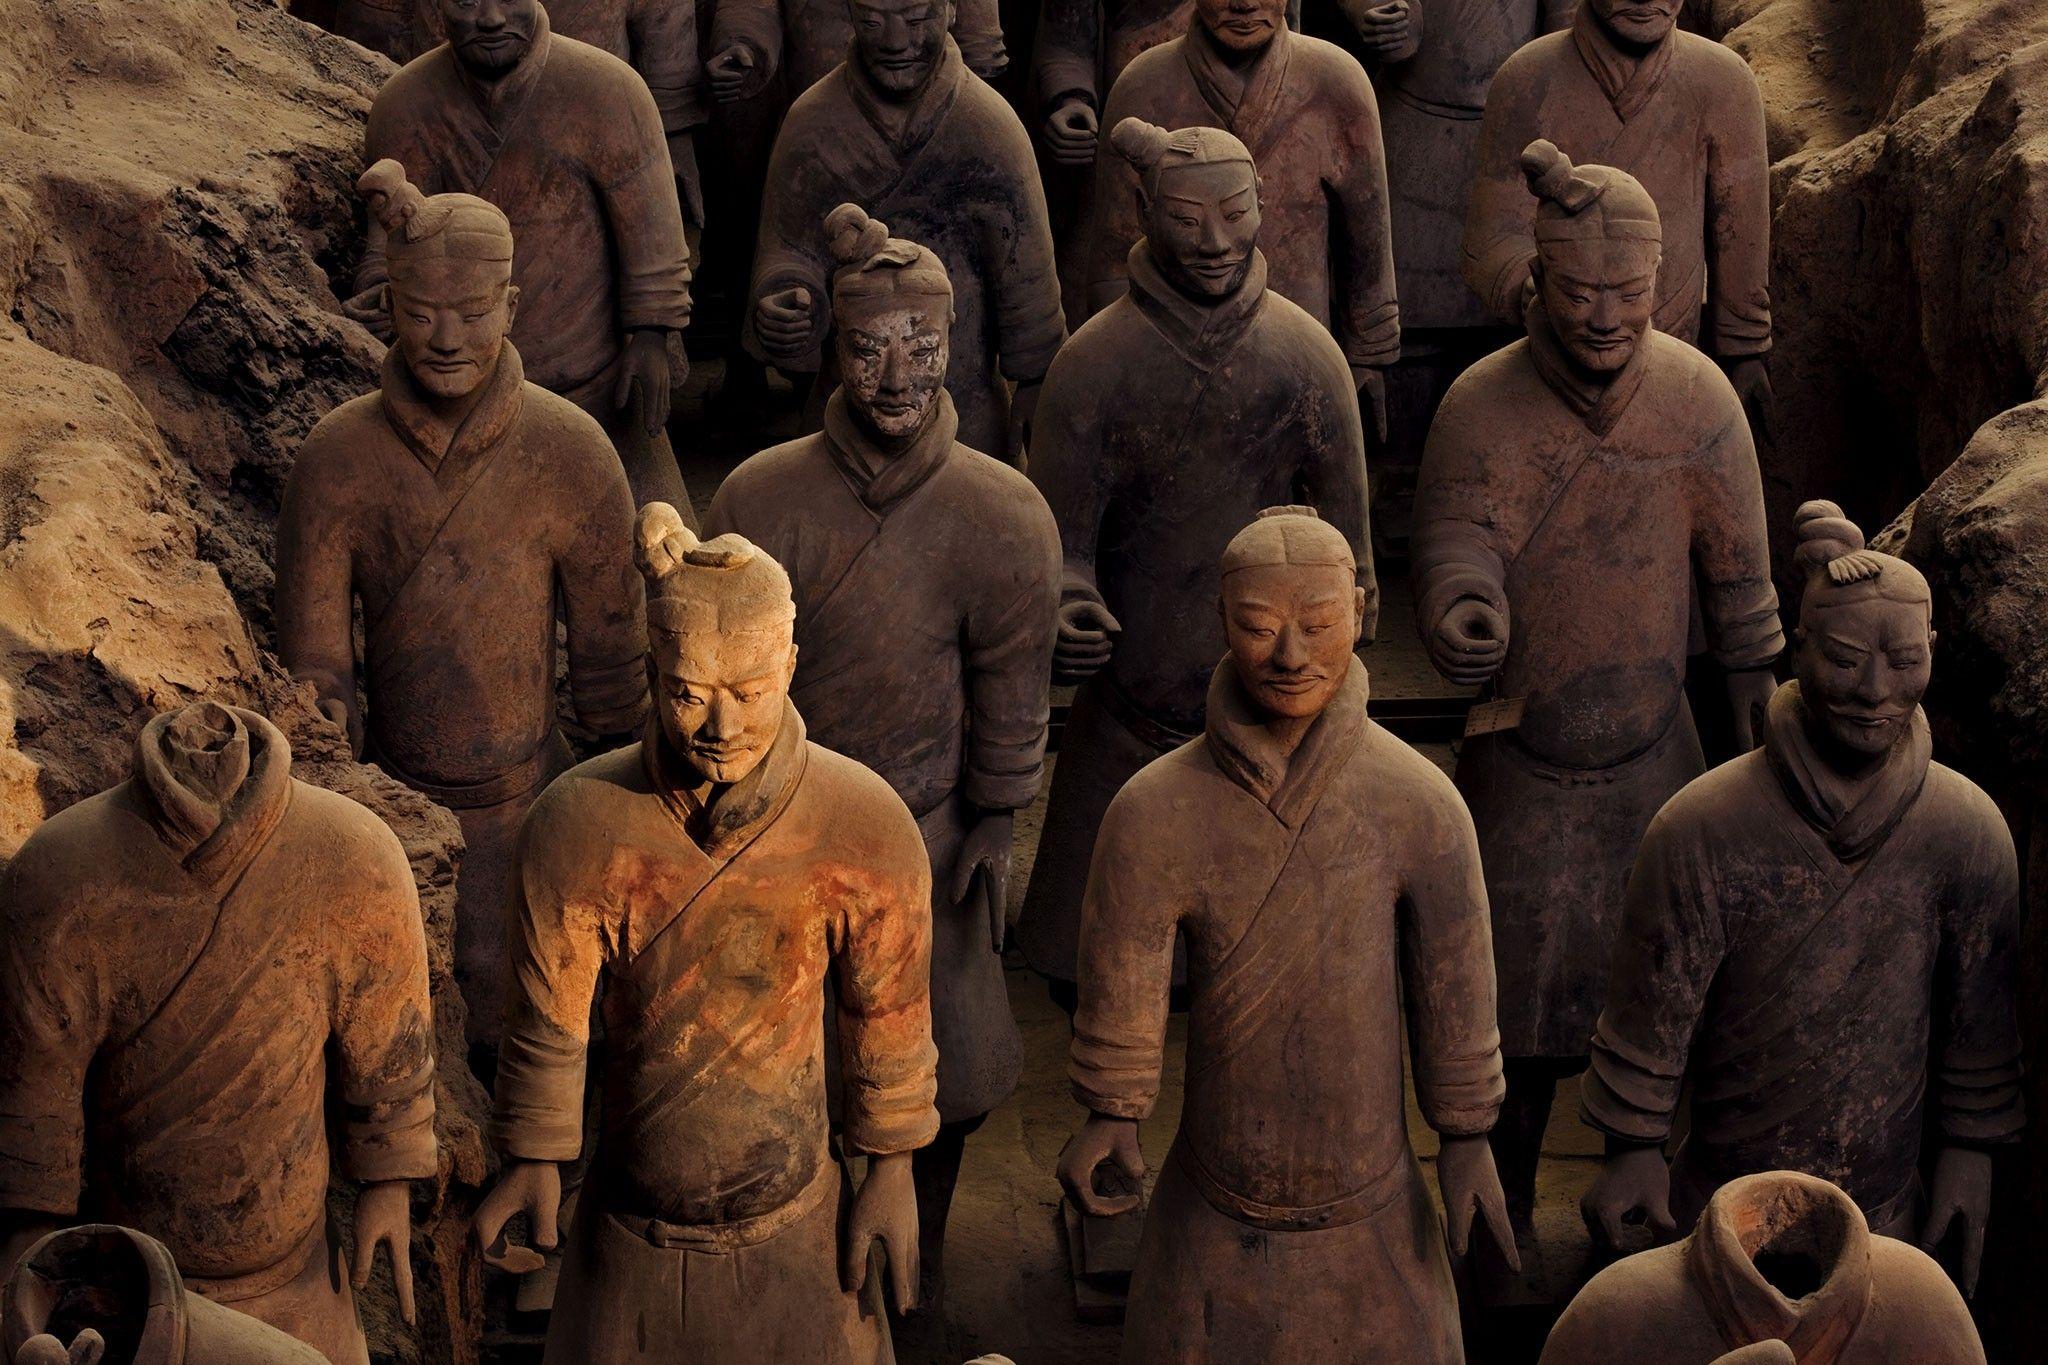 Qin-Dynastie: Theorie zu Chromwaffen-Technologie widerlegt | National Geographic